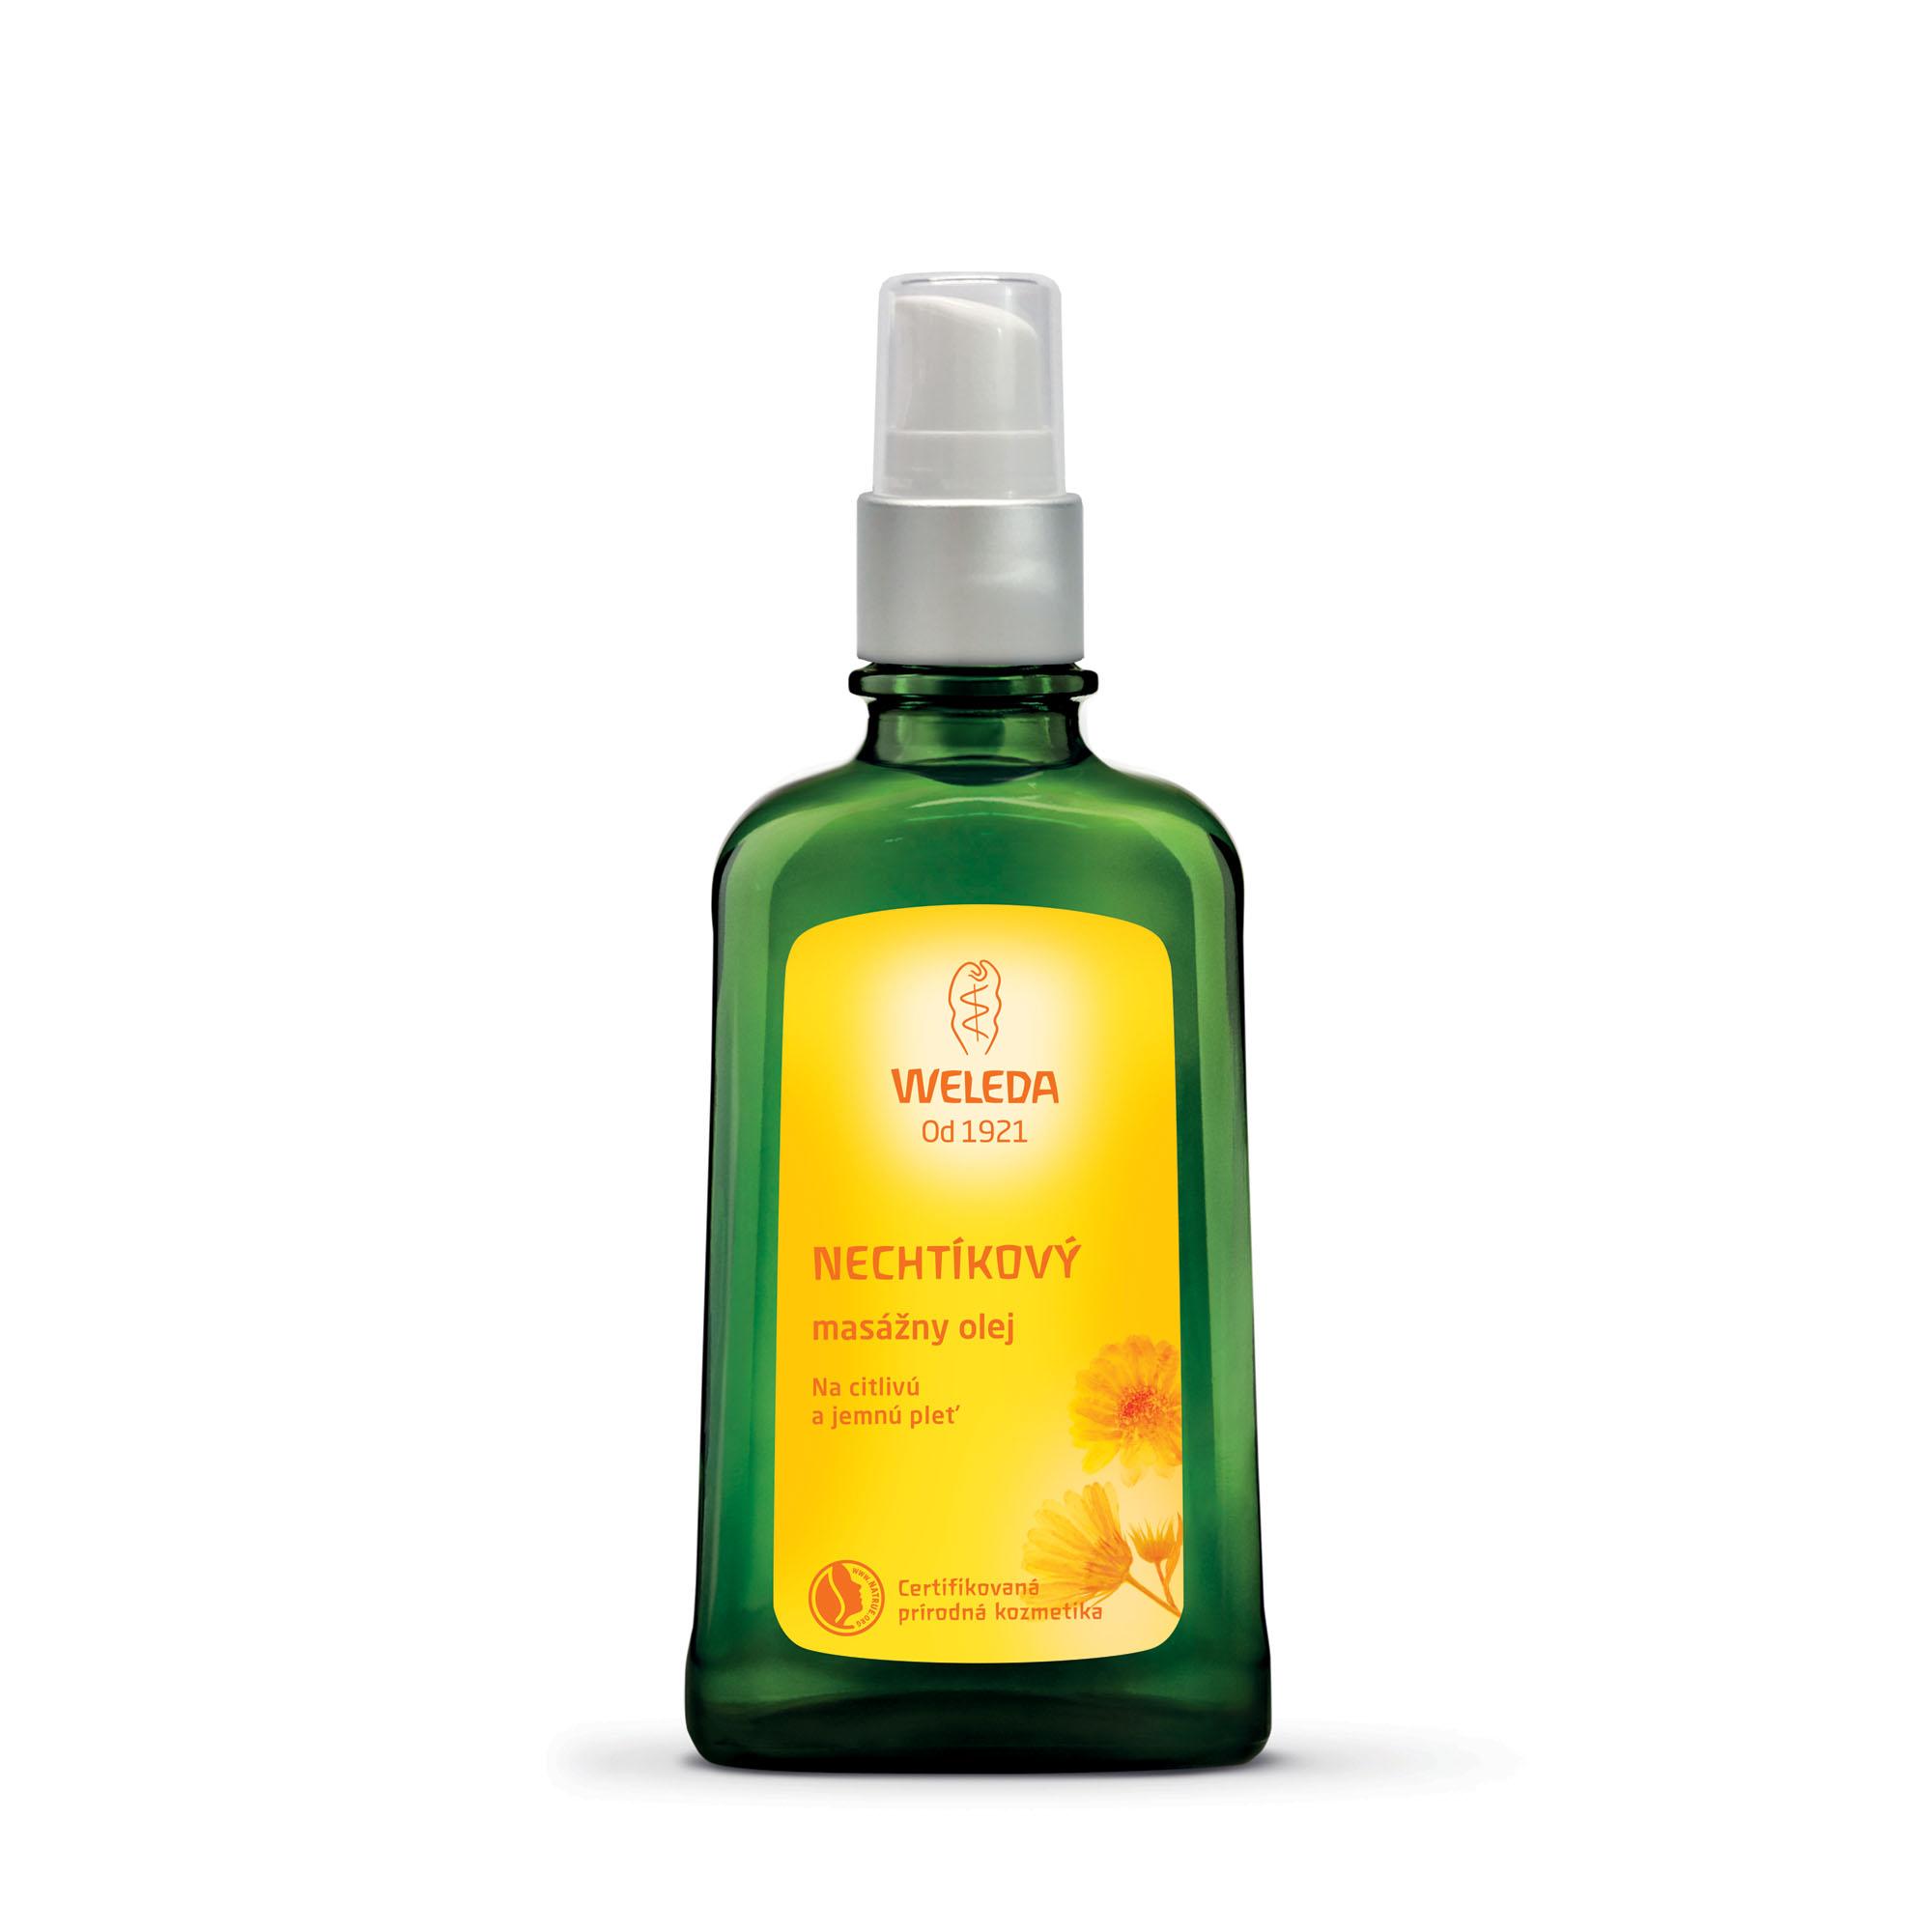 Měsíčkový masážní olej